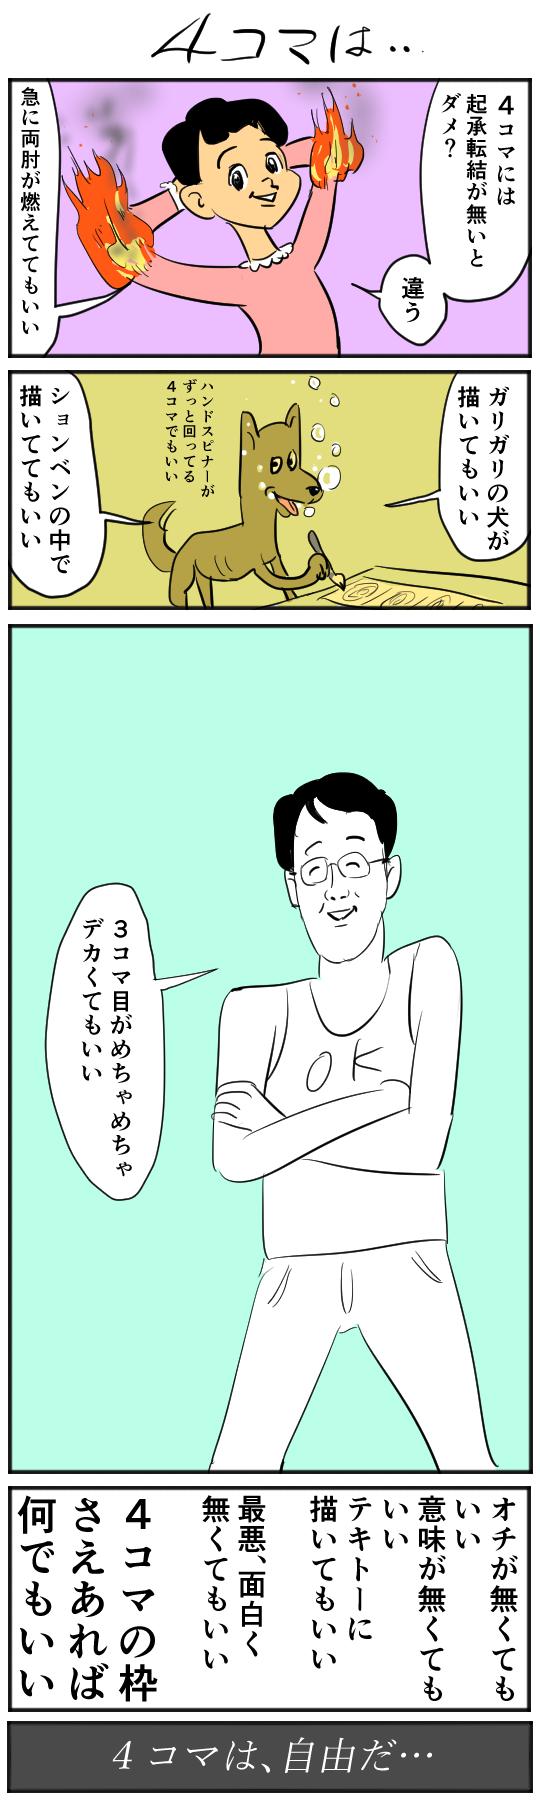 【4コマ漫画】4コマは…